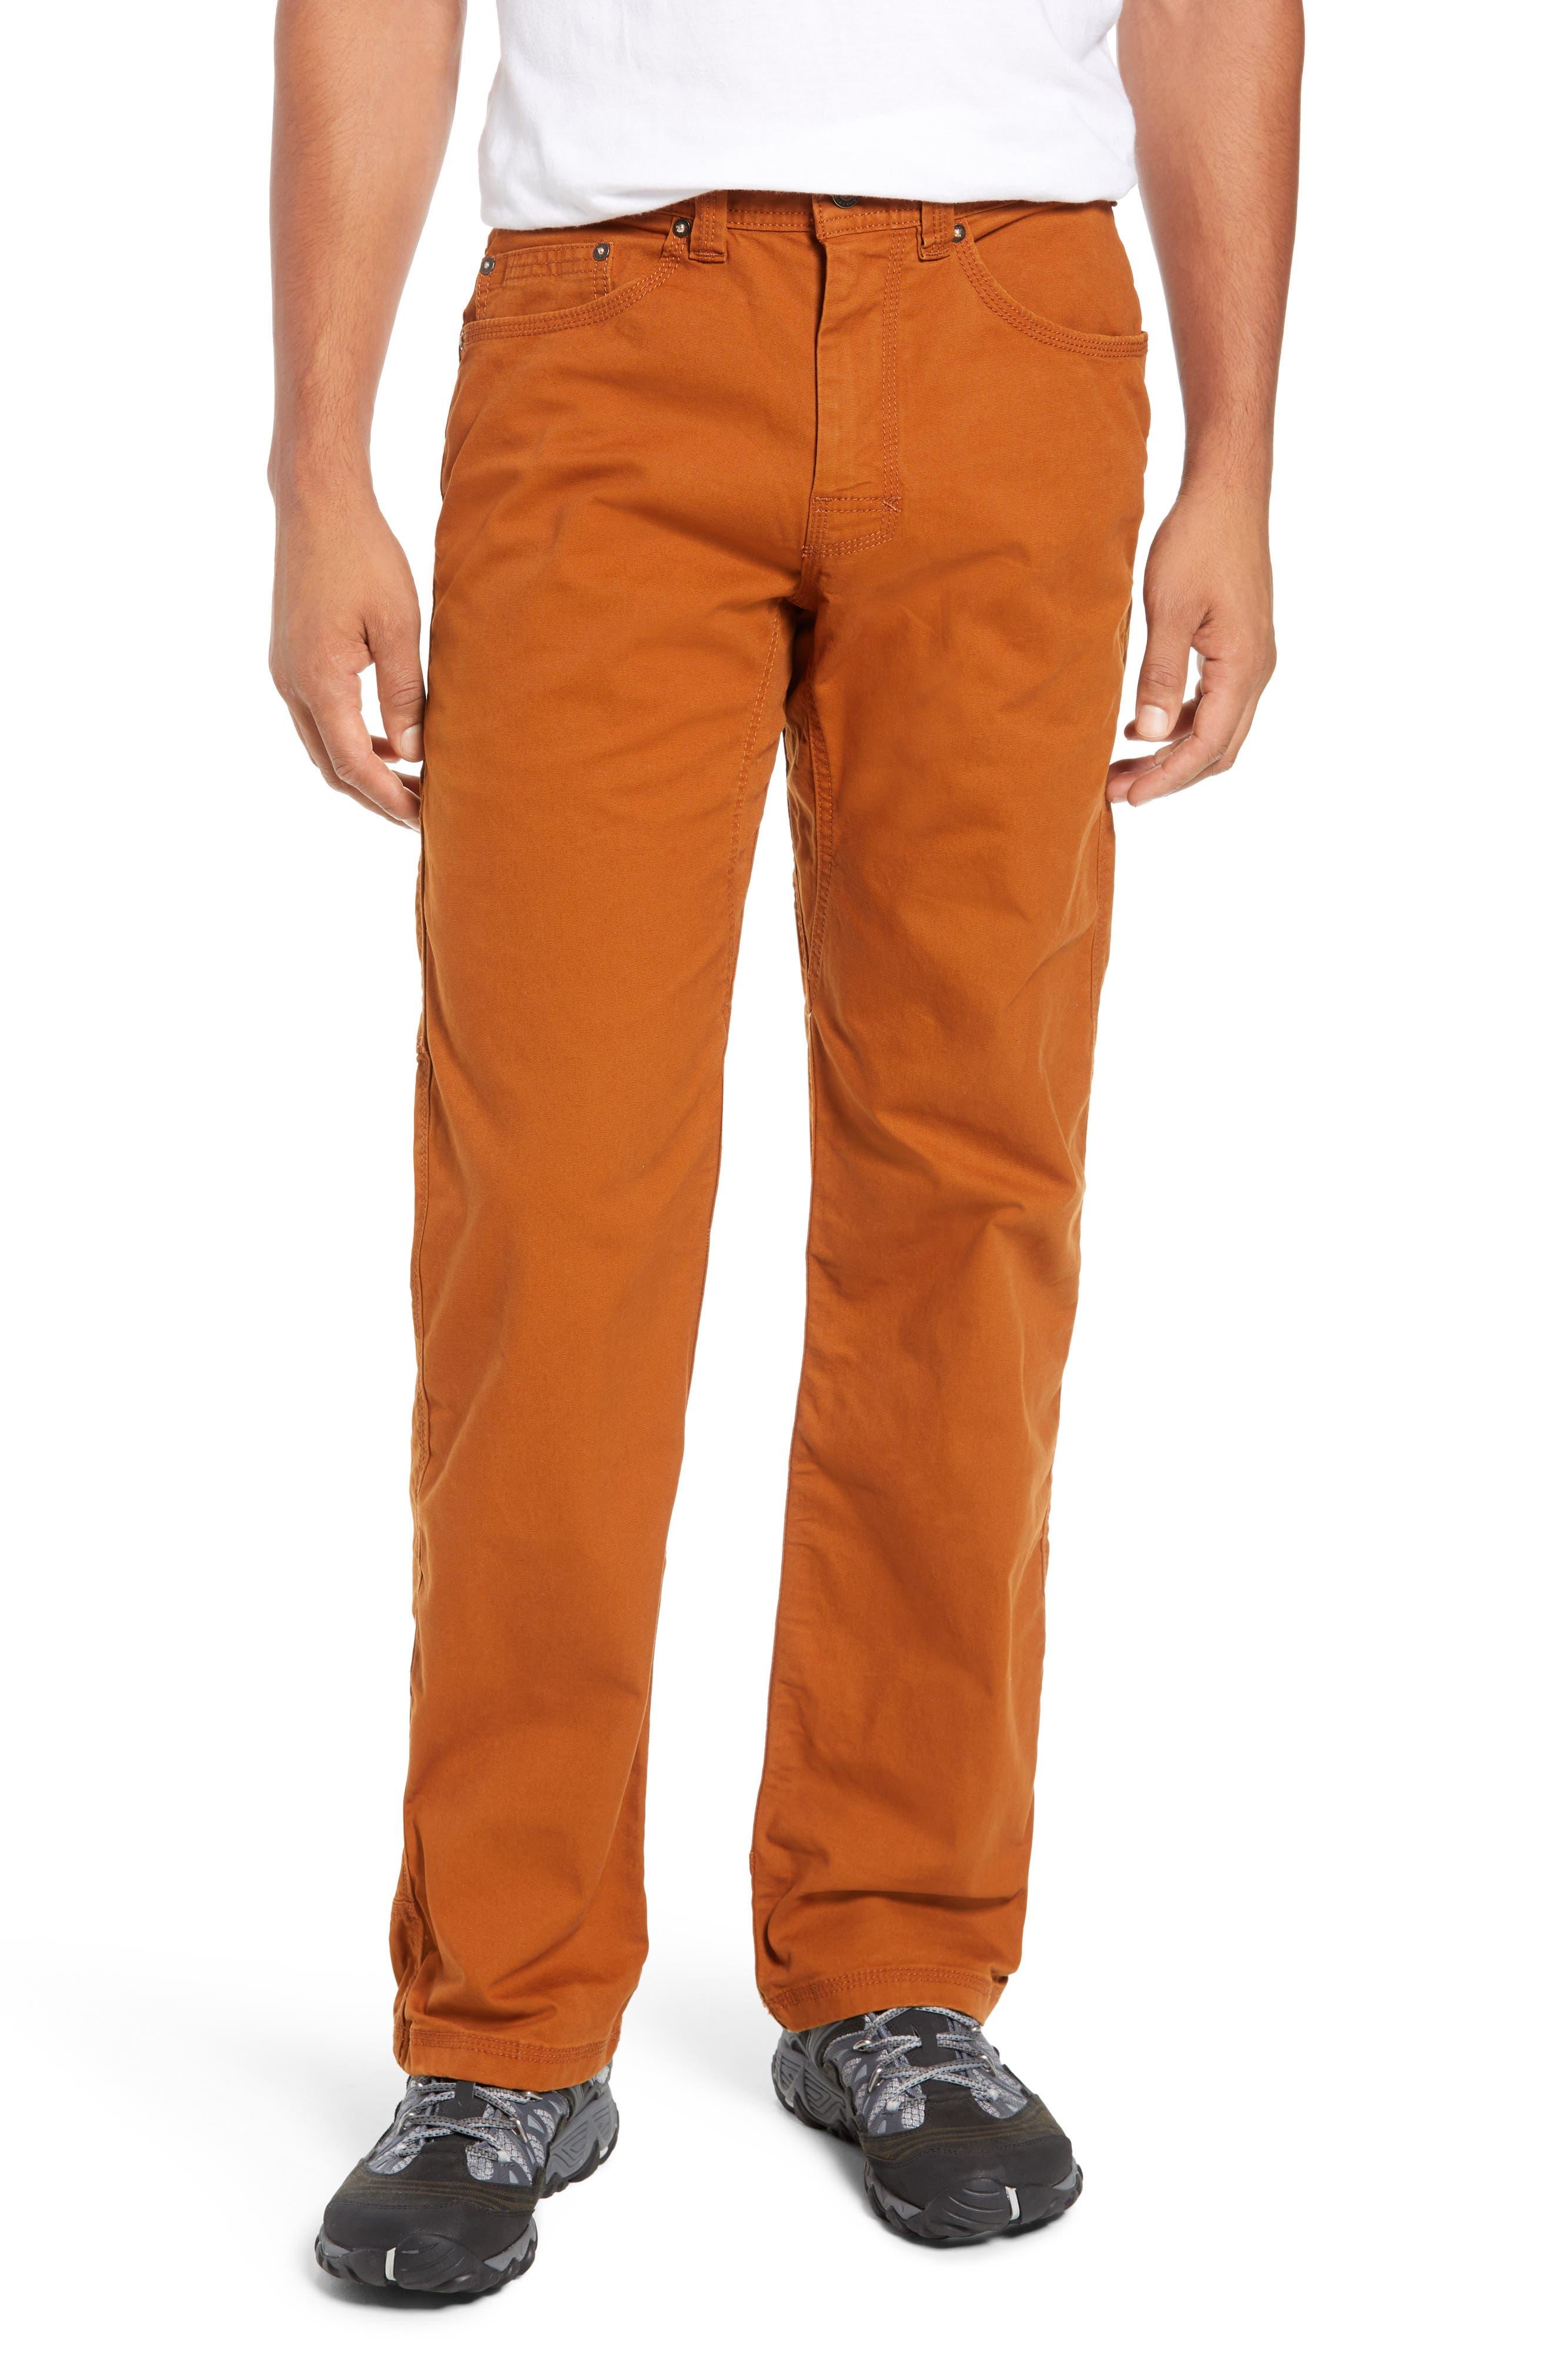 PRANA Bronson Pants in Burnt Caramel